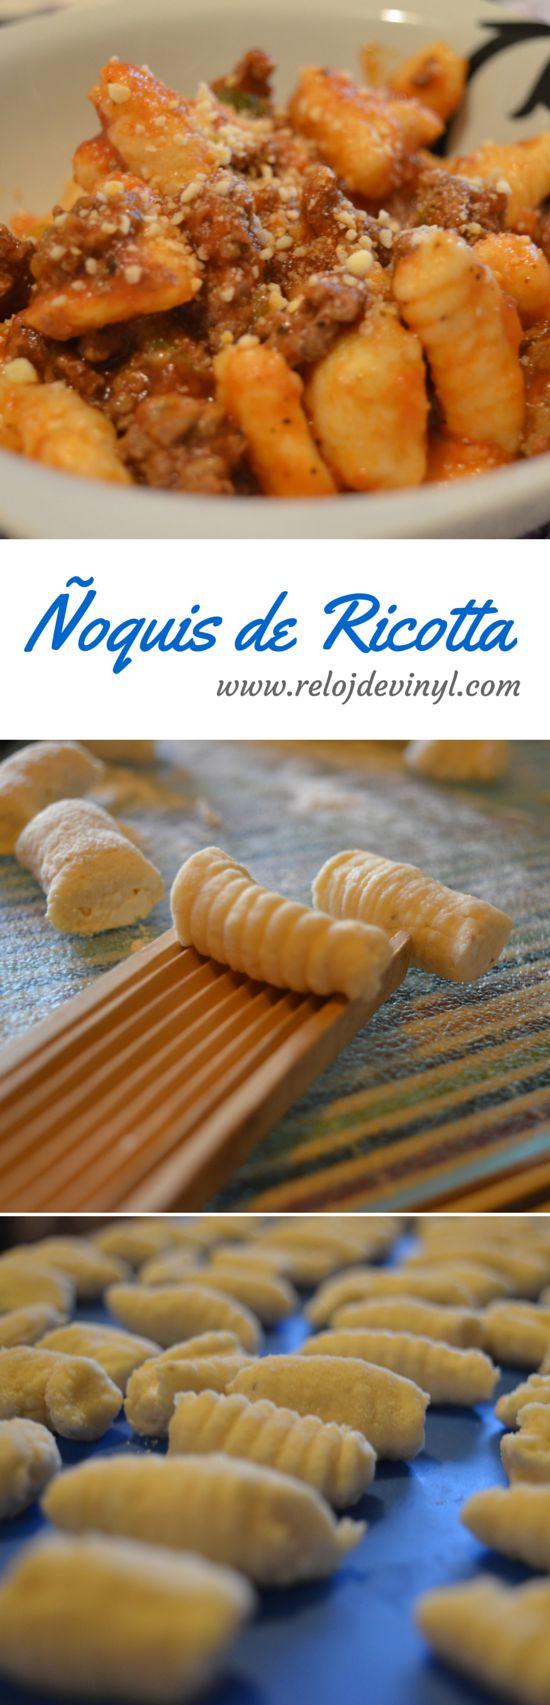 Los ñoquis de ricotta son una de esas opciones donde no sacrificas sabor por reducir los carbohidratos en la receta. De verdad ¡están muy sabrozos!